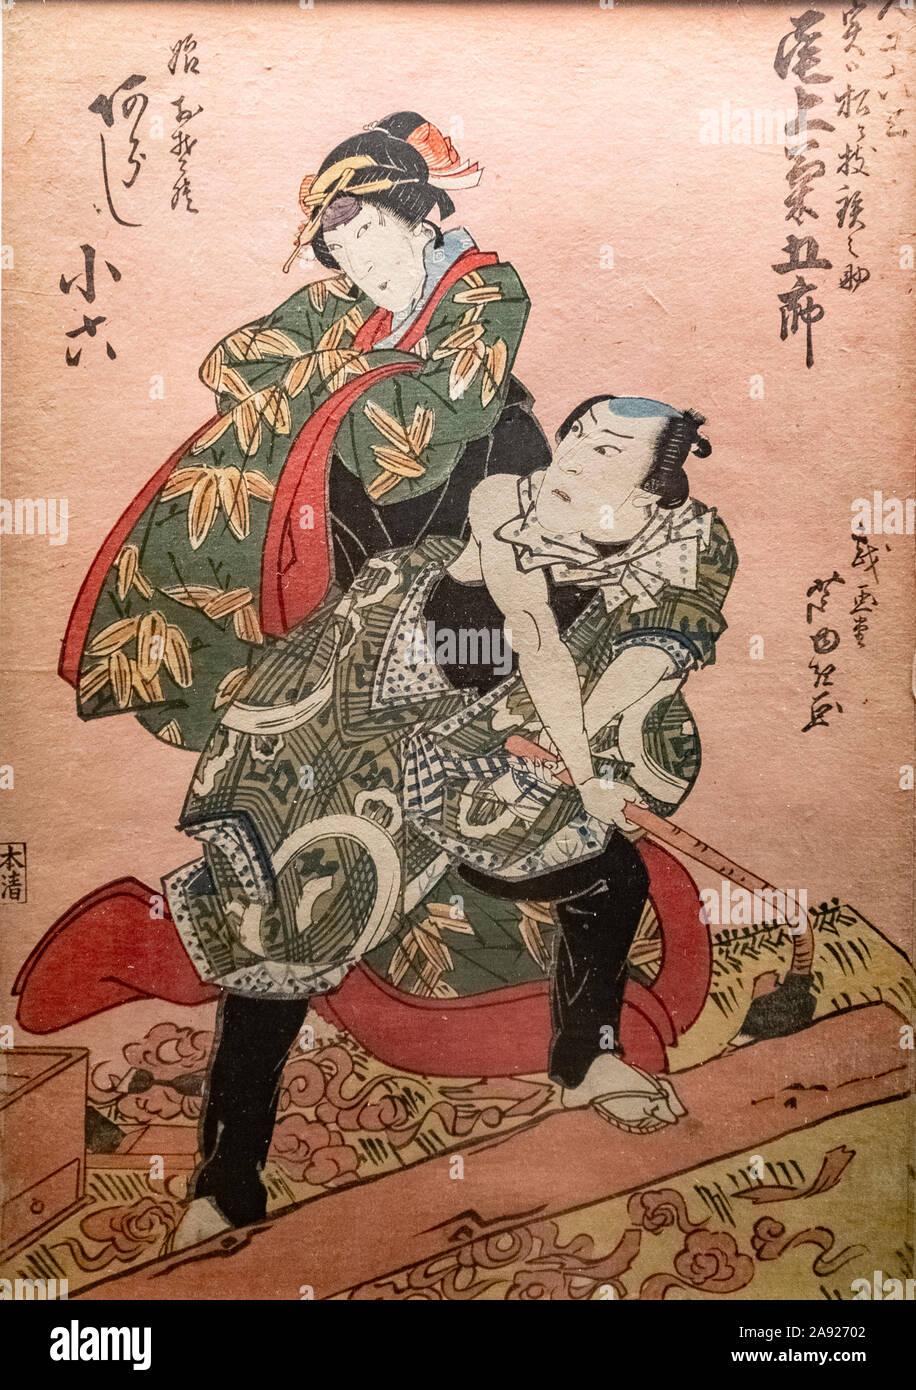 Italia Turín Piamonte - Palacio Mazzonis - Mao Museum (Museo d'Arte Orientale ) - Museo de Arte Oriental - Gigado Ashiyuki ( Activo 1813 -1833 ) Onnagata y carpintero - Periodo Edo c. 1825 Foto de stock